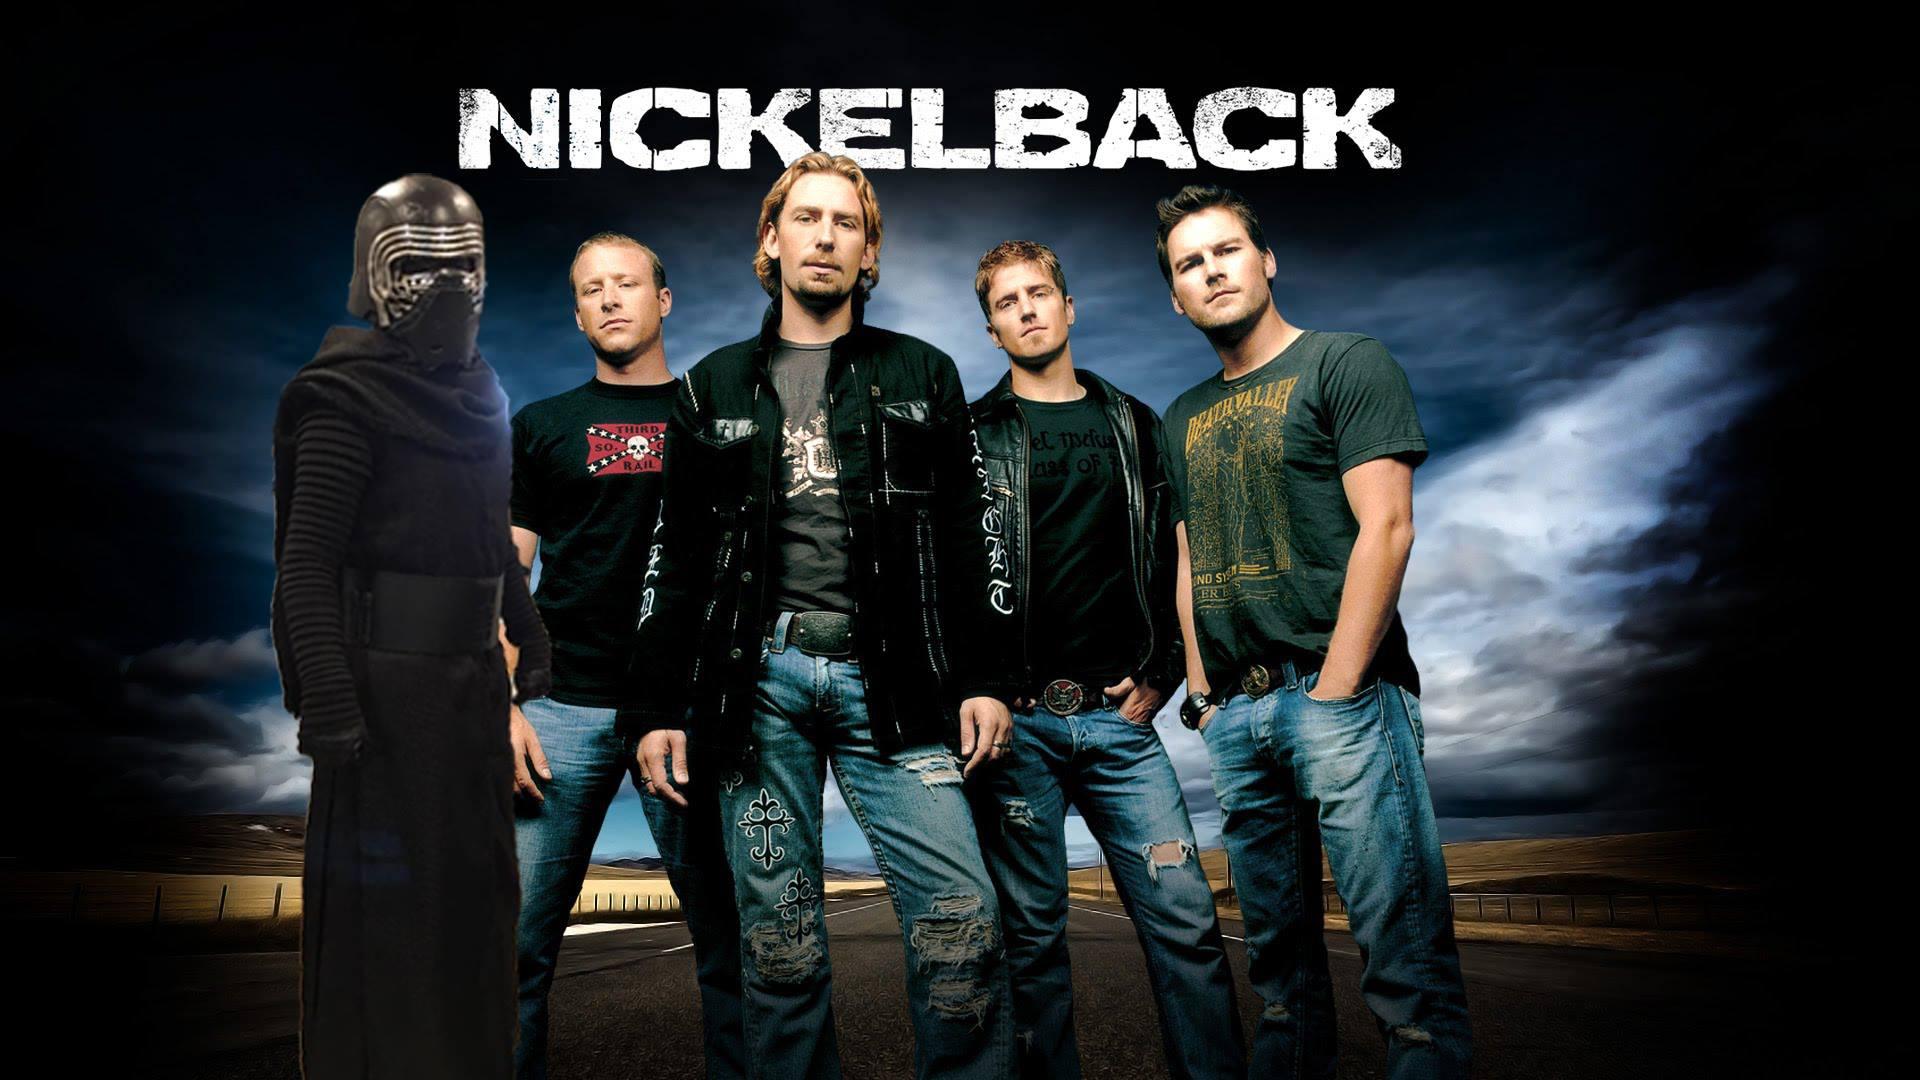 Kylo Ren is a park of Nickelback